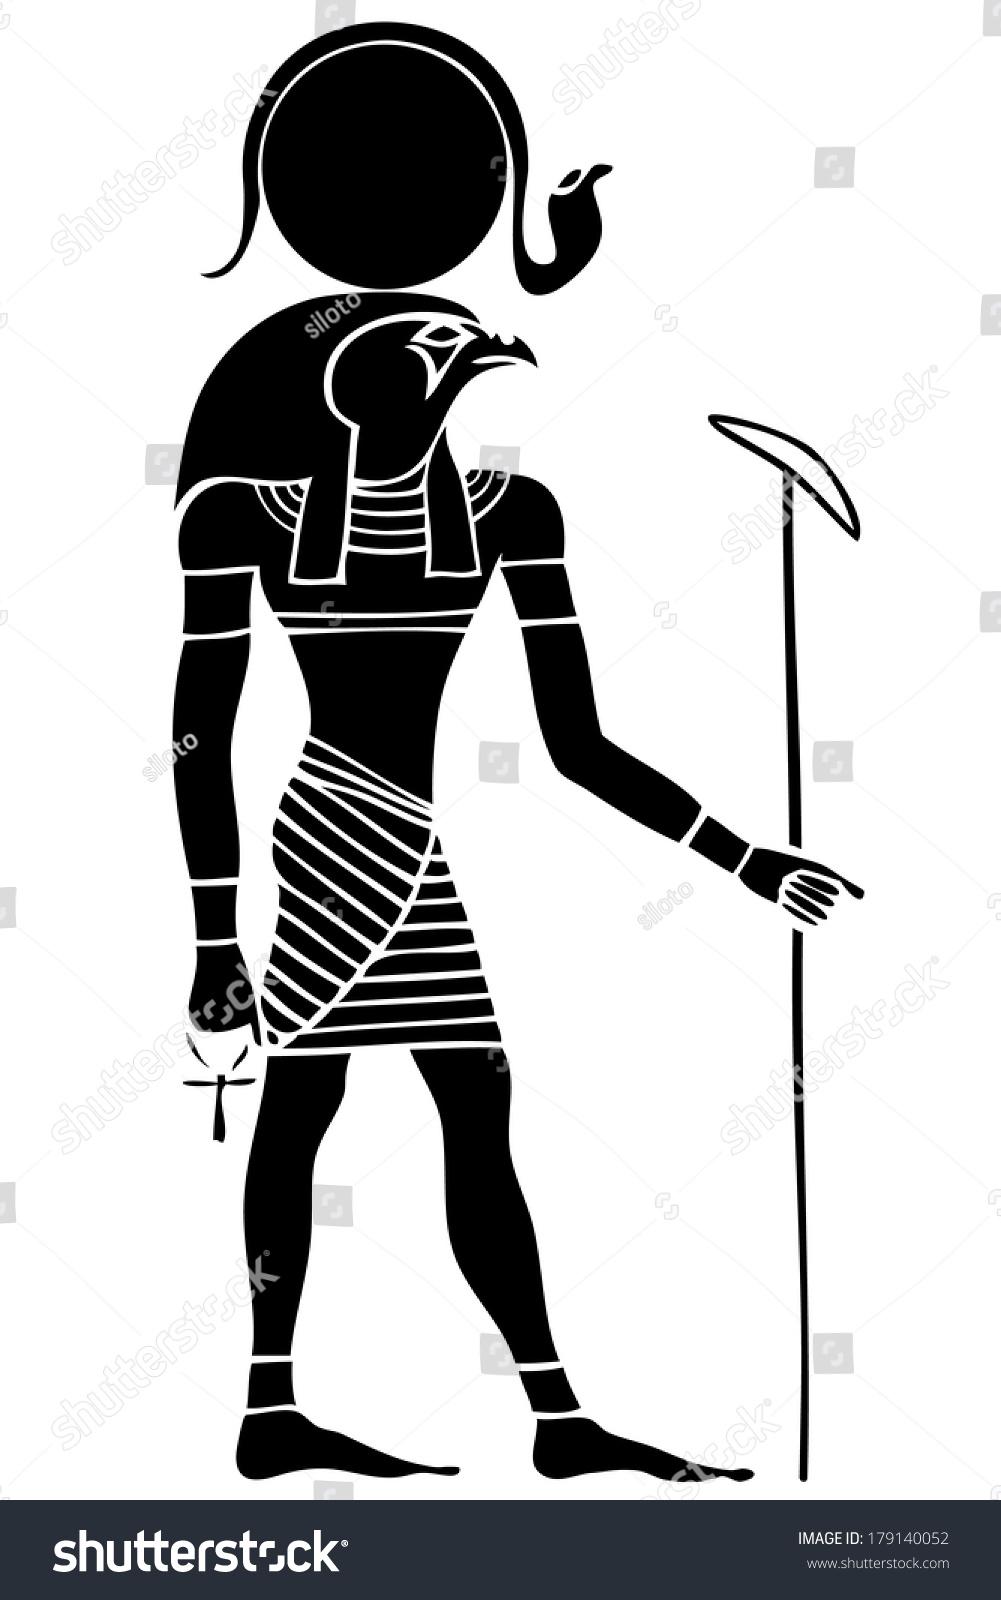 Ra god sun god ancient egypt stock vector 179140052 shutterstock ra god of the sun god of ancient egypt buycottarizona